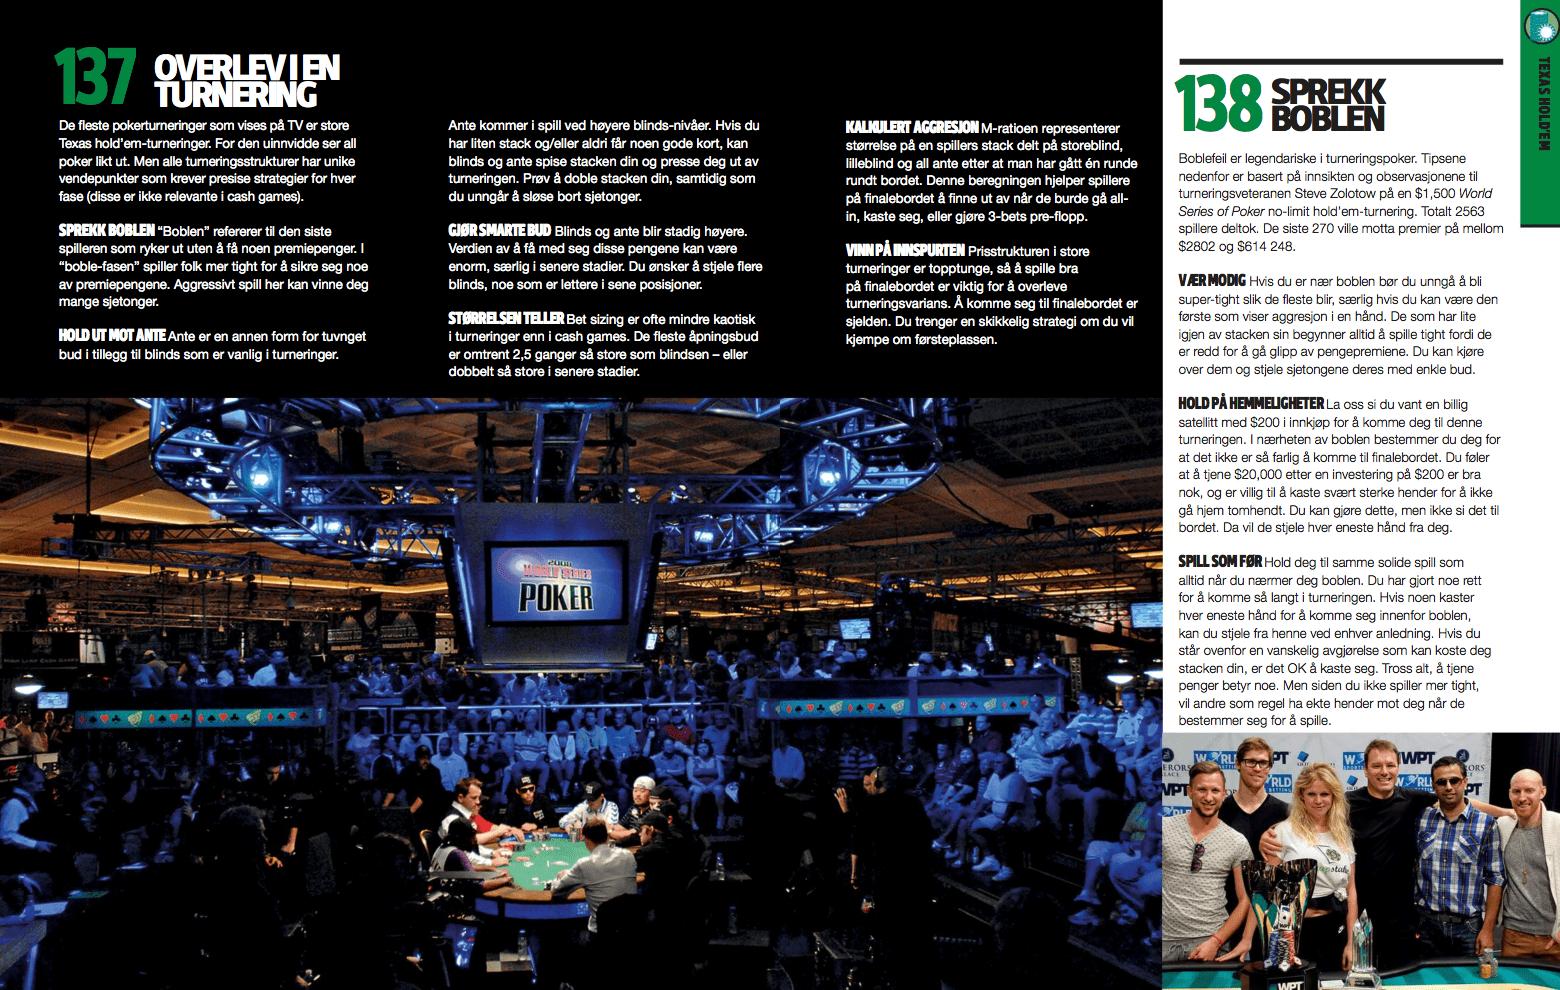 Poker: overlev i en turnering, oppslag